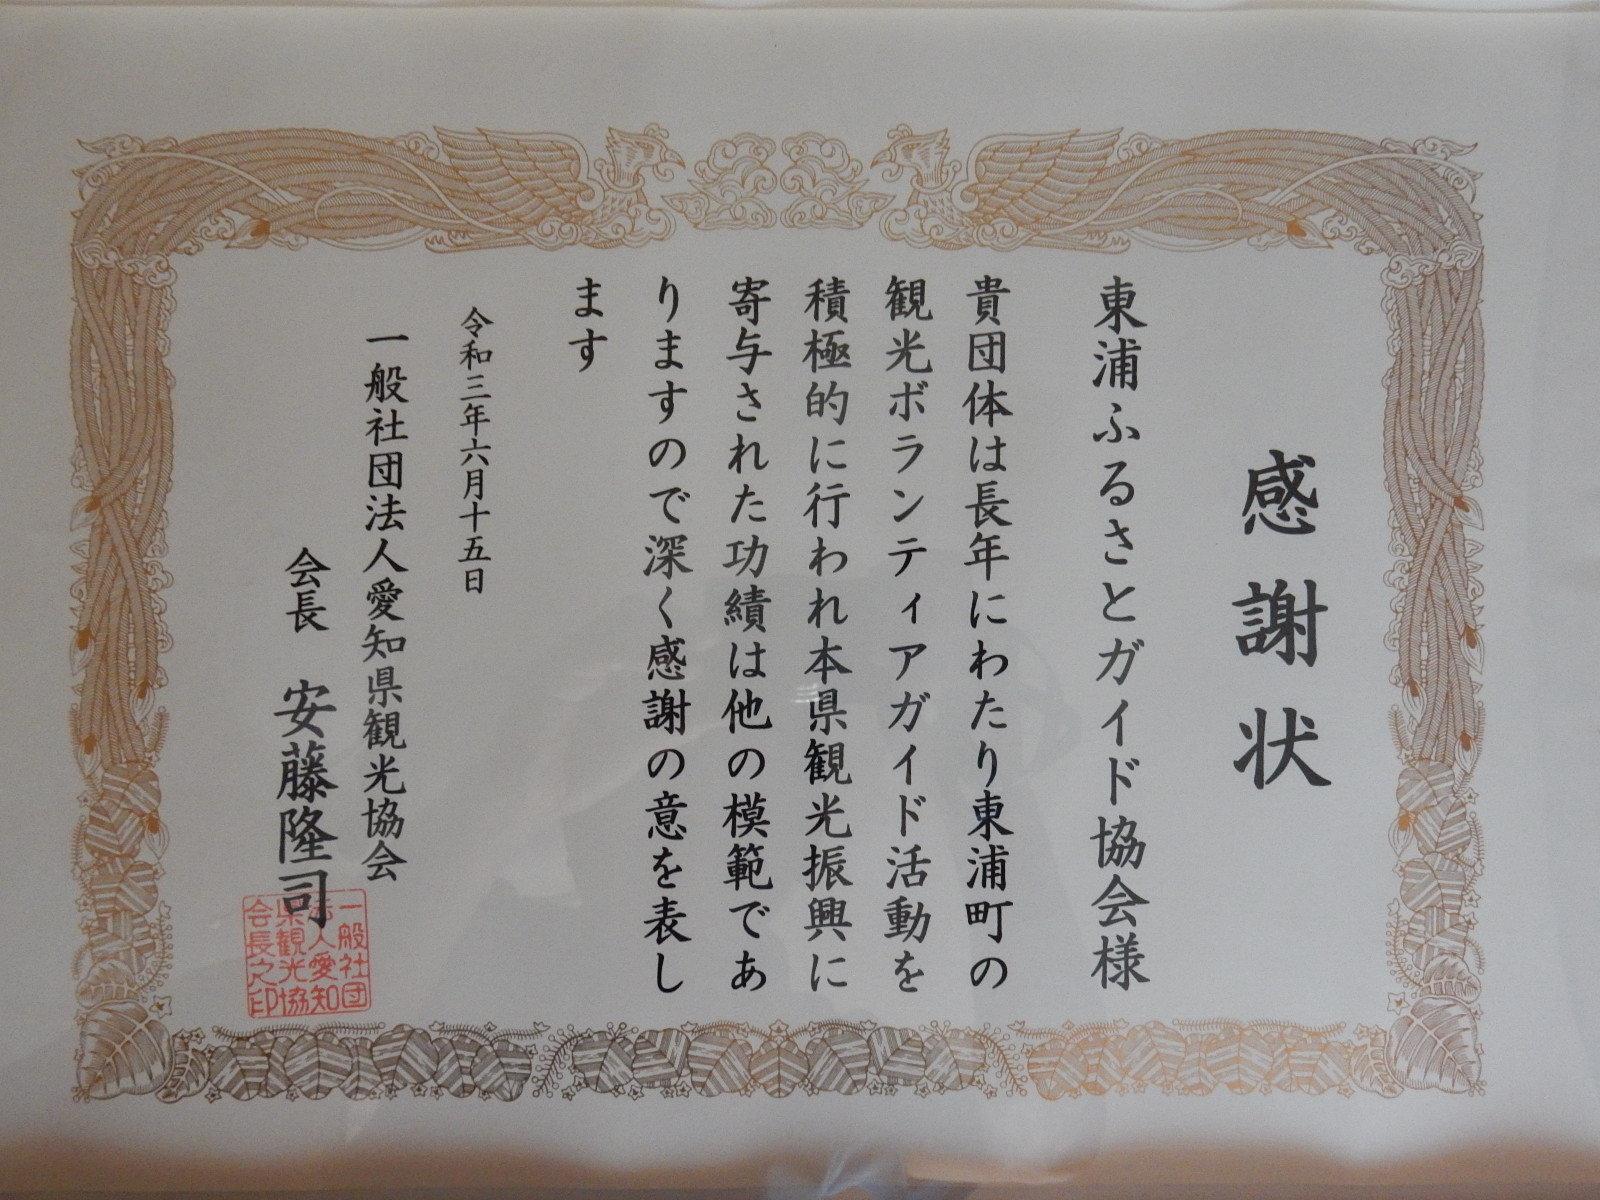 愛知県観光協会から感謝状をいただきました!!_d0247833_14245872.jpg